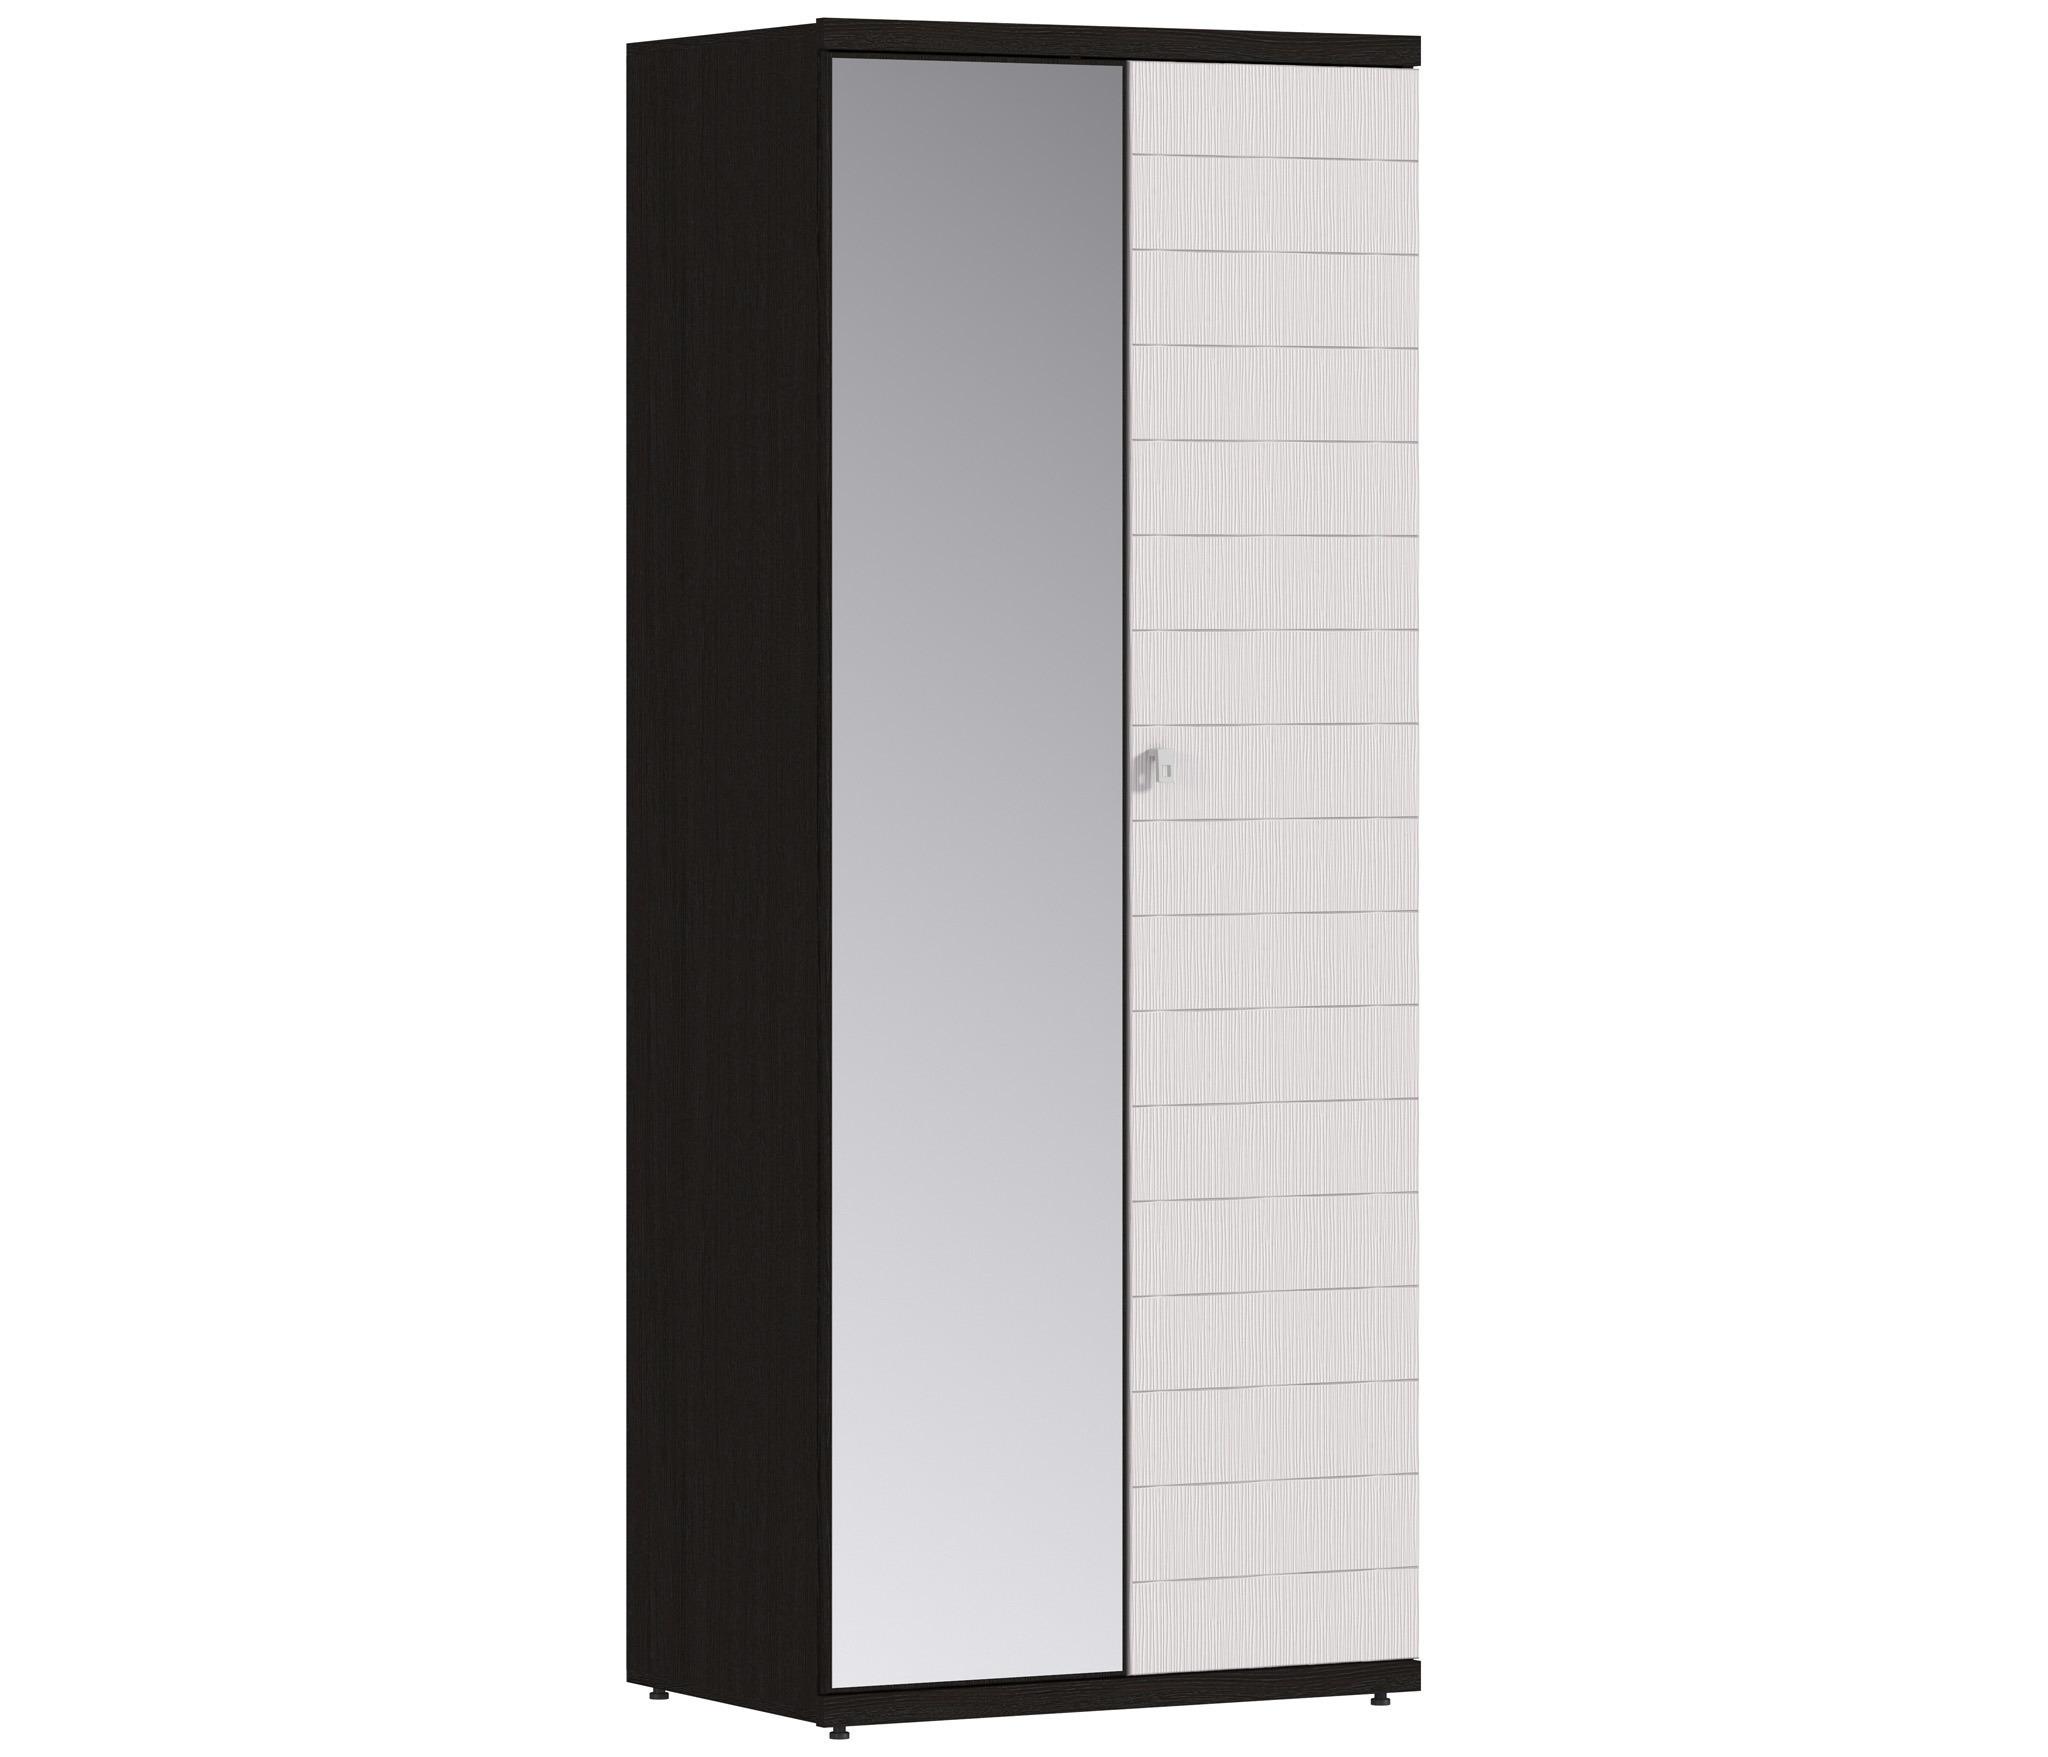 Купить со скидкой Гретта СБ-636 Шкаф 2-х дверный с зеркалом